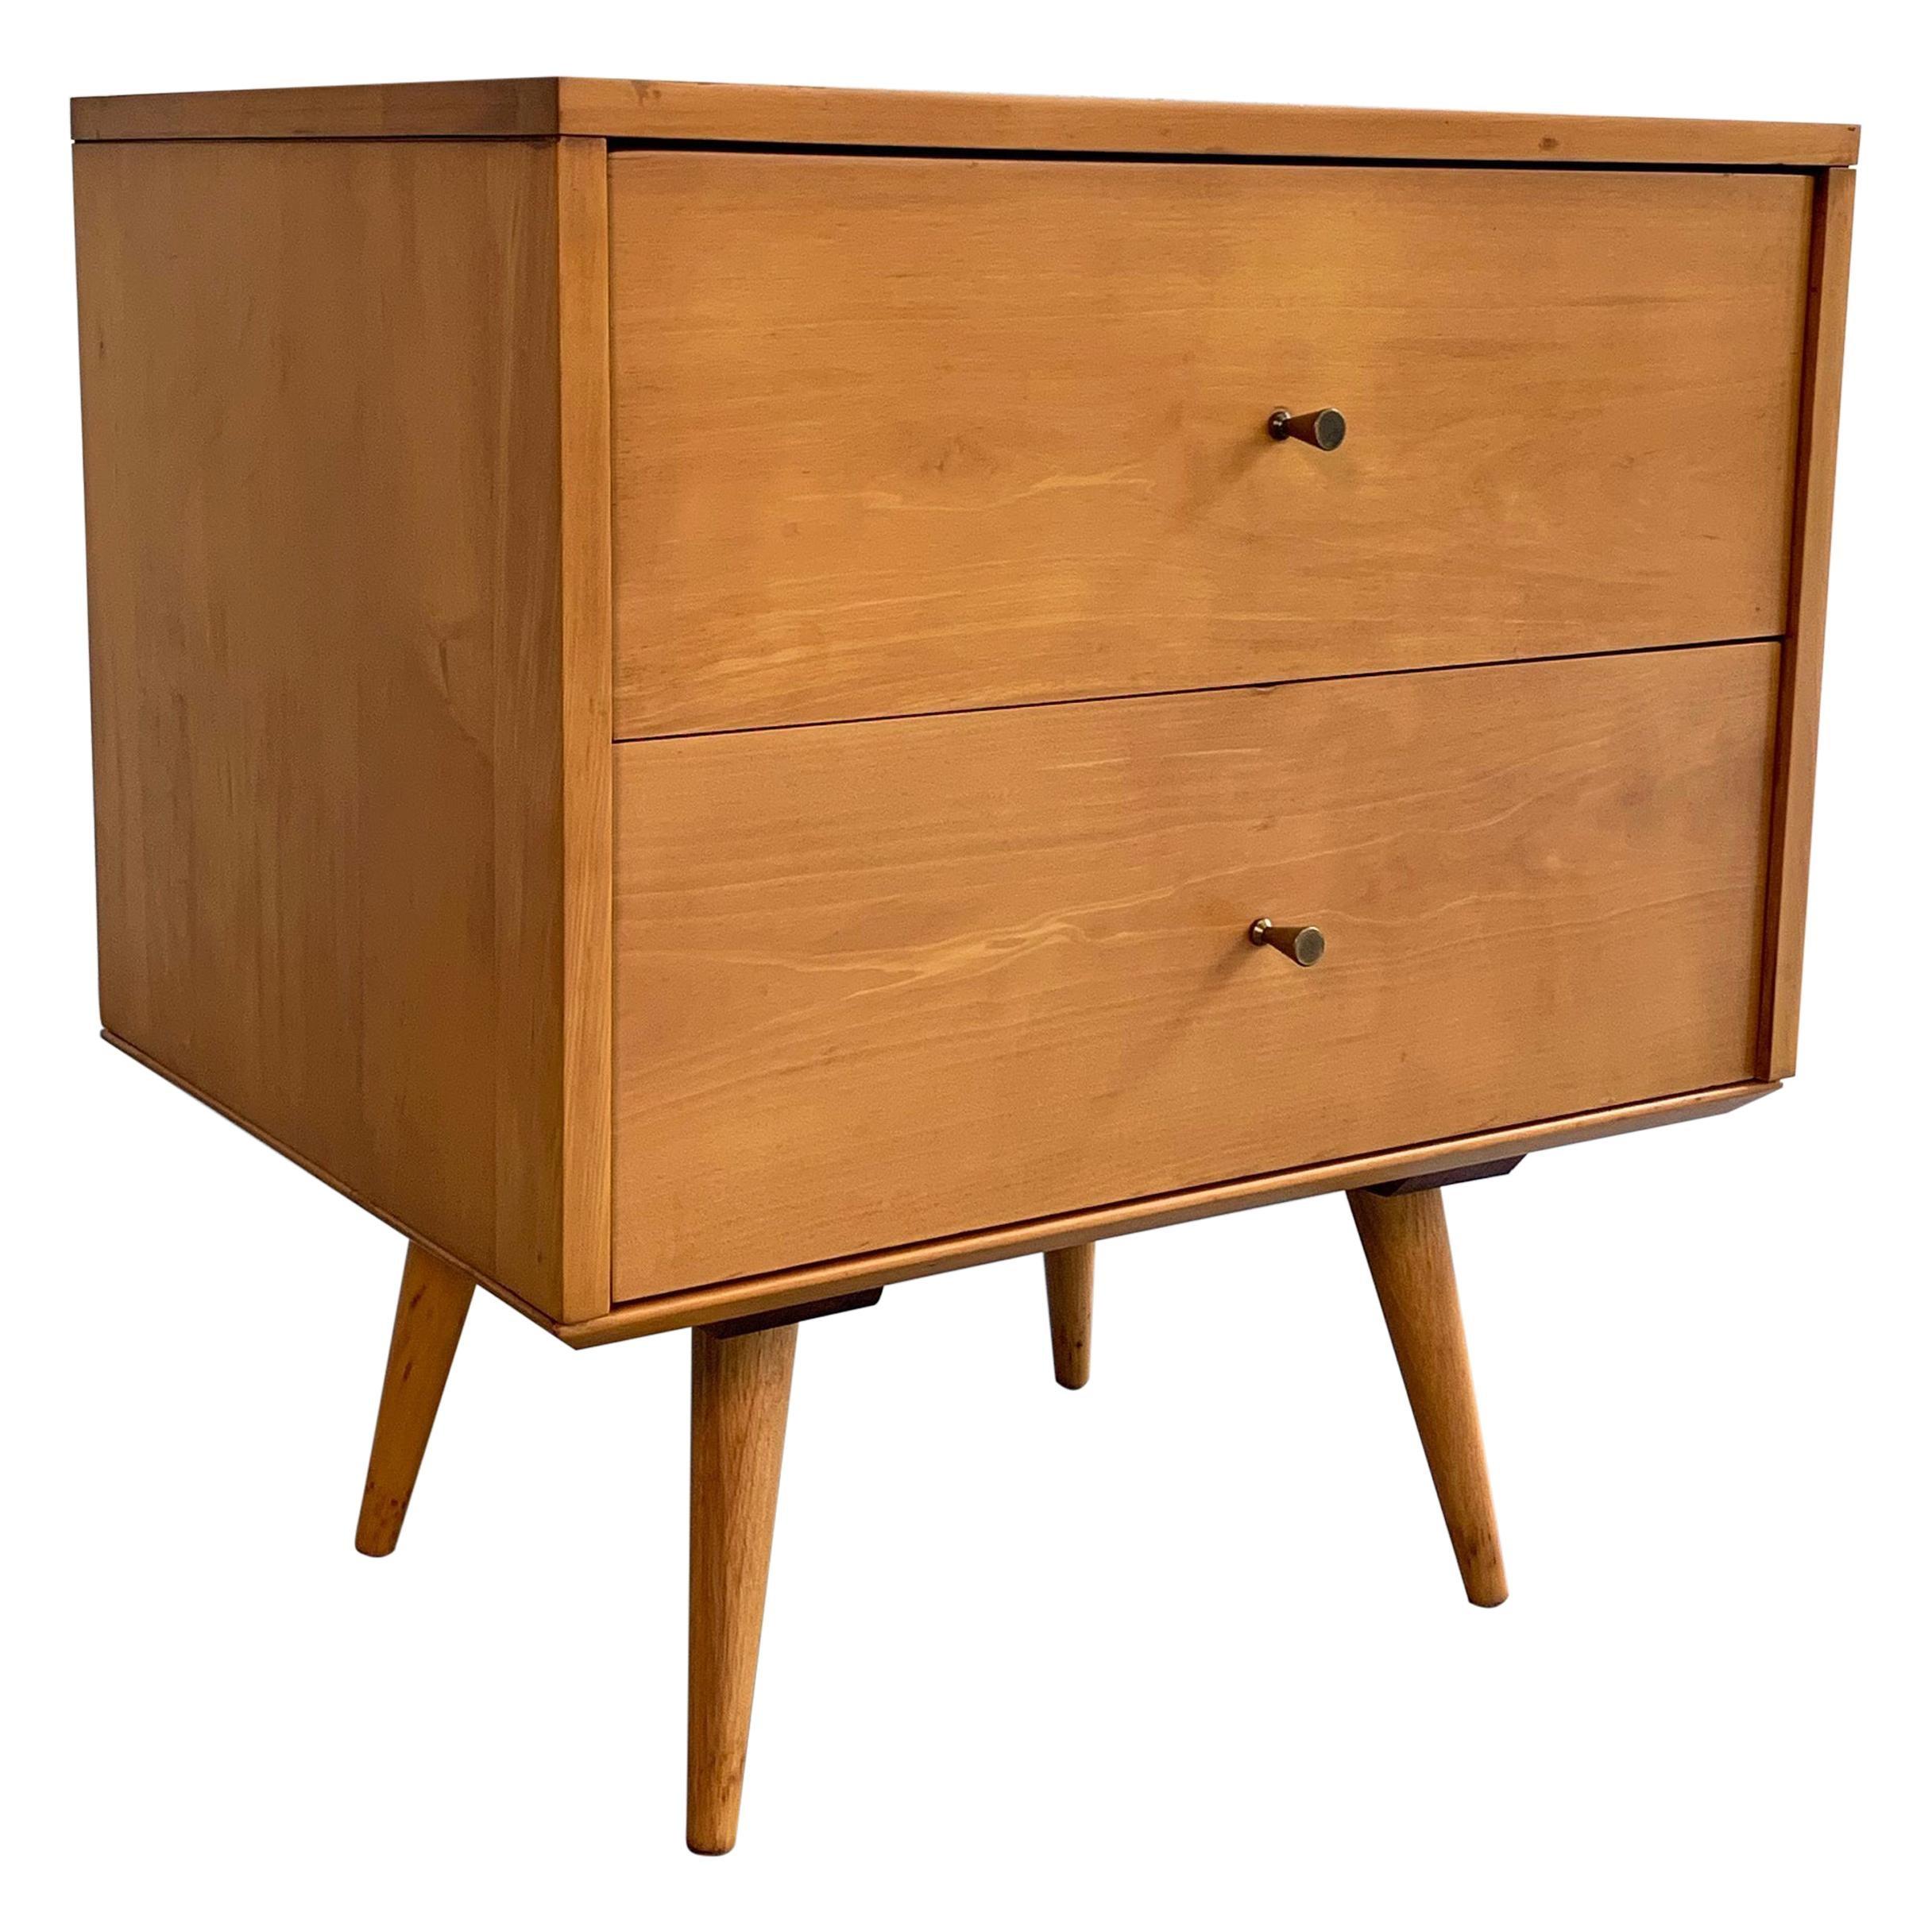 Paul McCobb Planner Group for Winchendon Maple Side Dresser